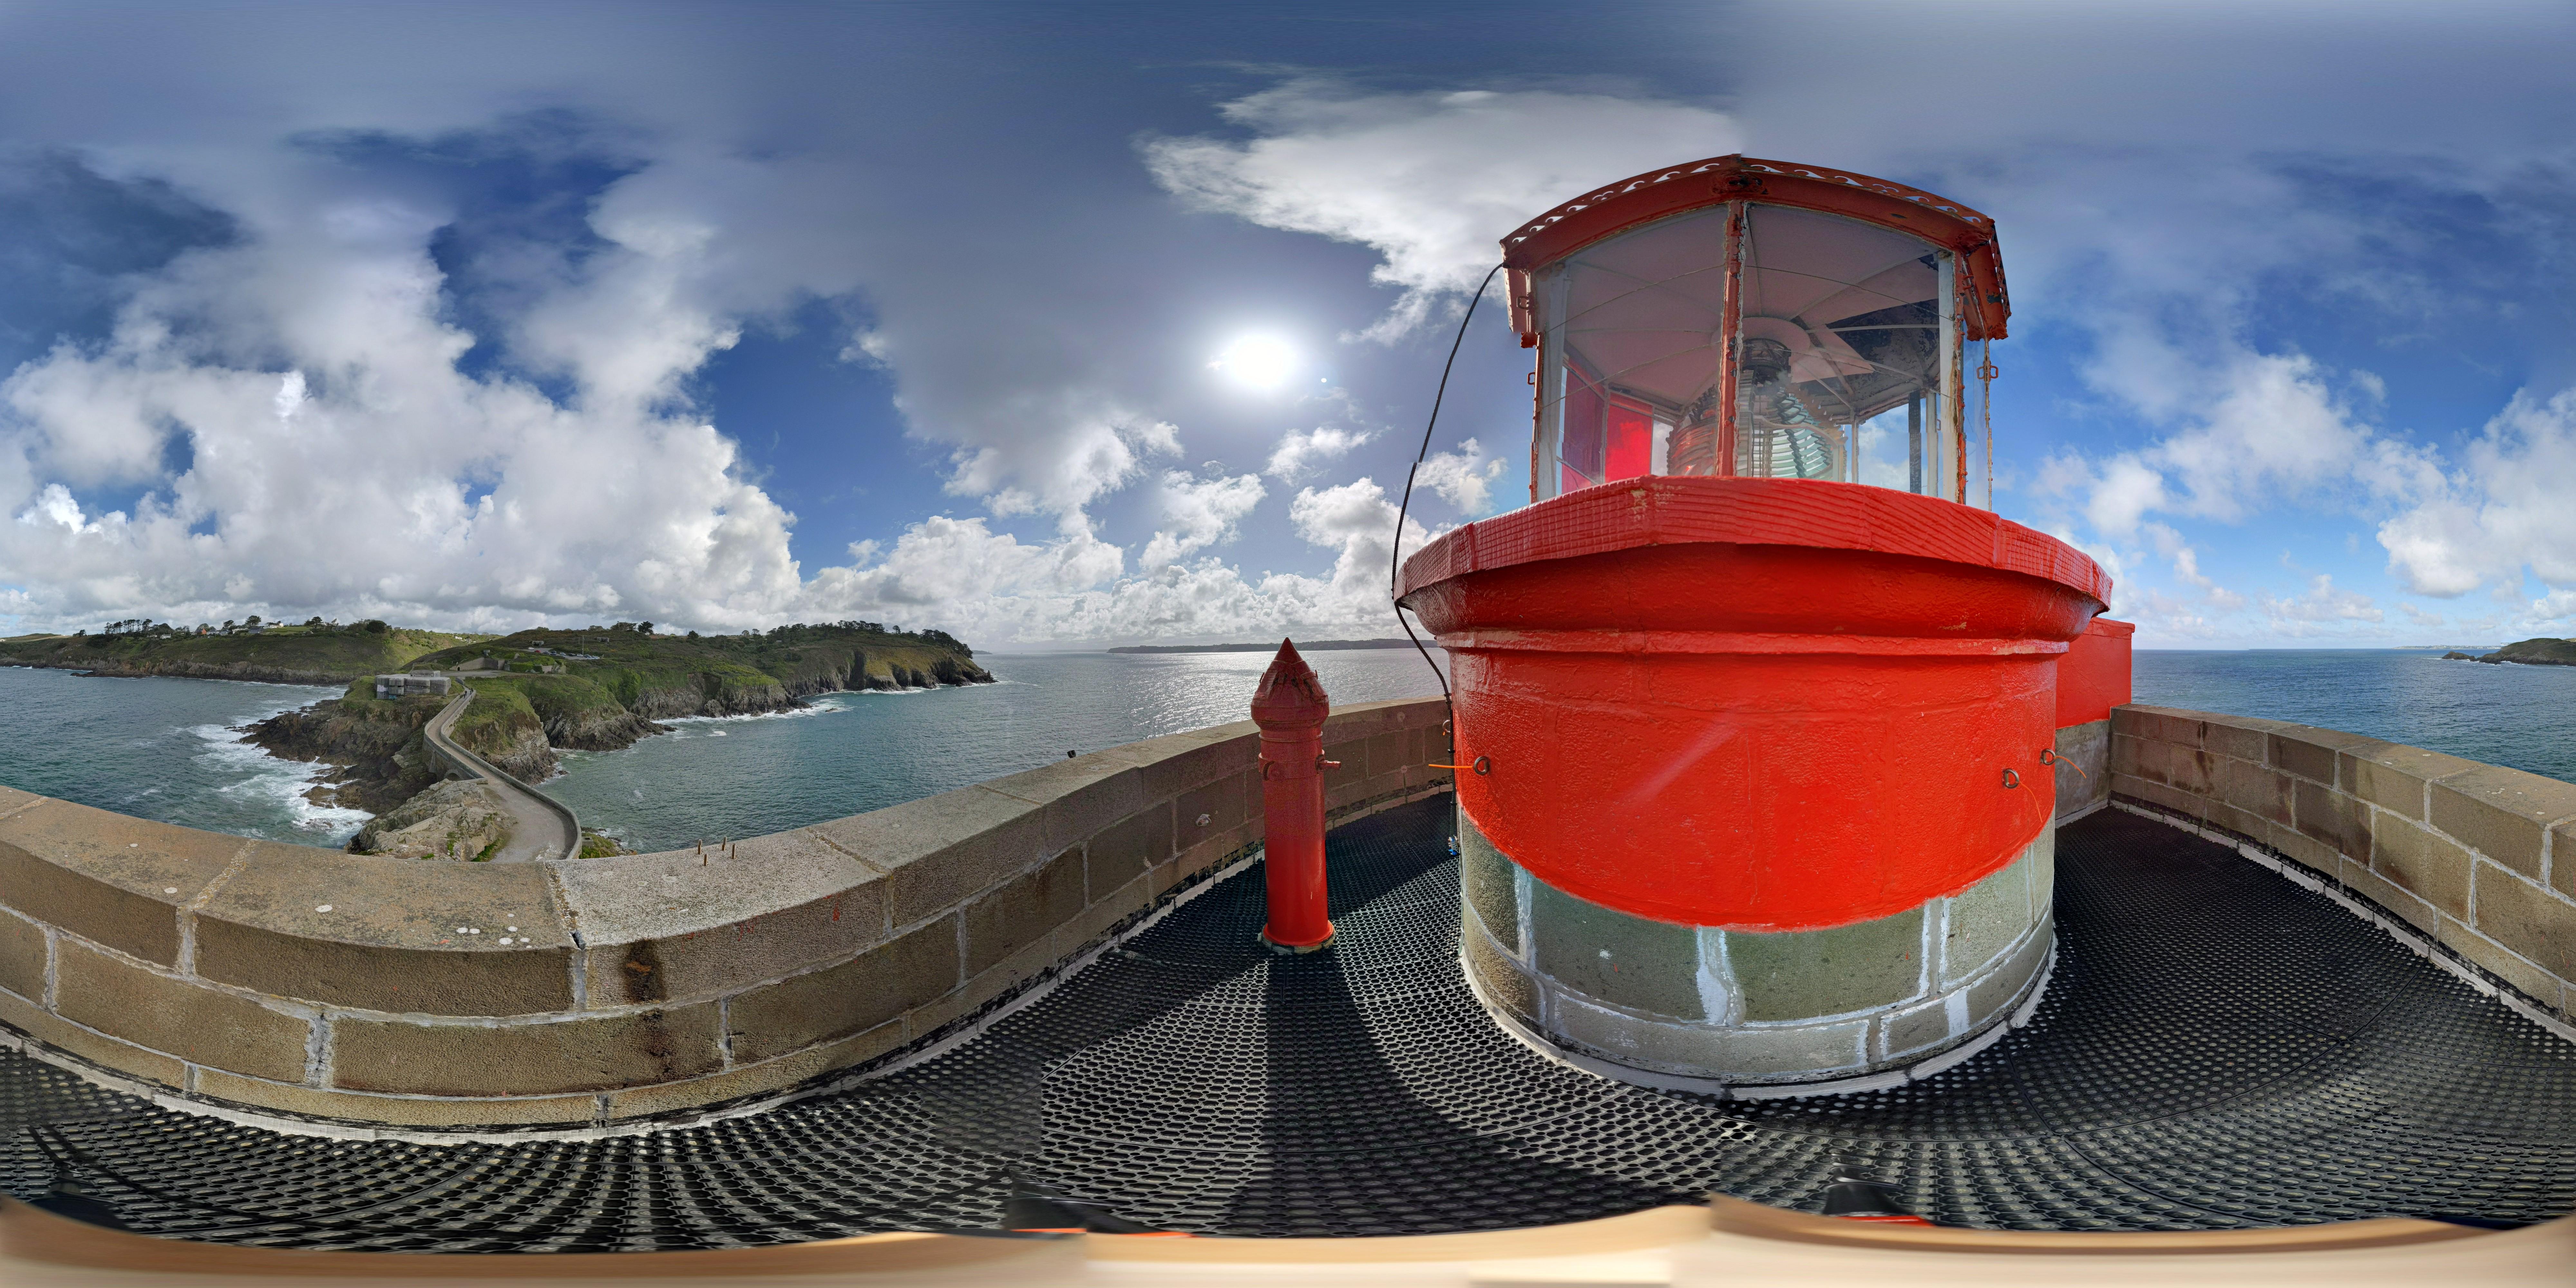 Visite panoramique à 360° de l'intérieur du phare du Petit-Minou